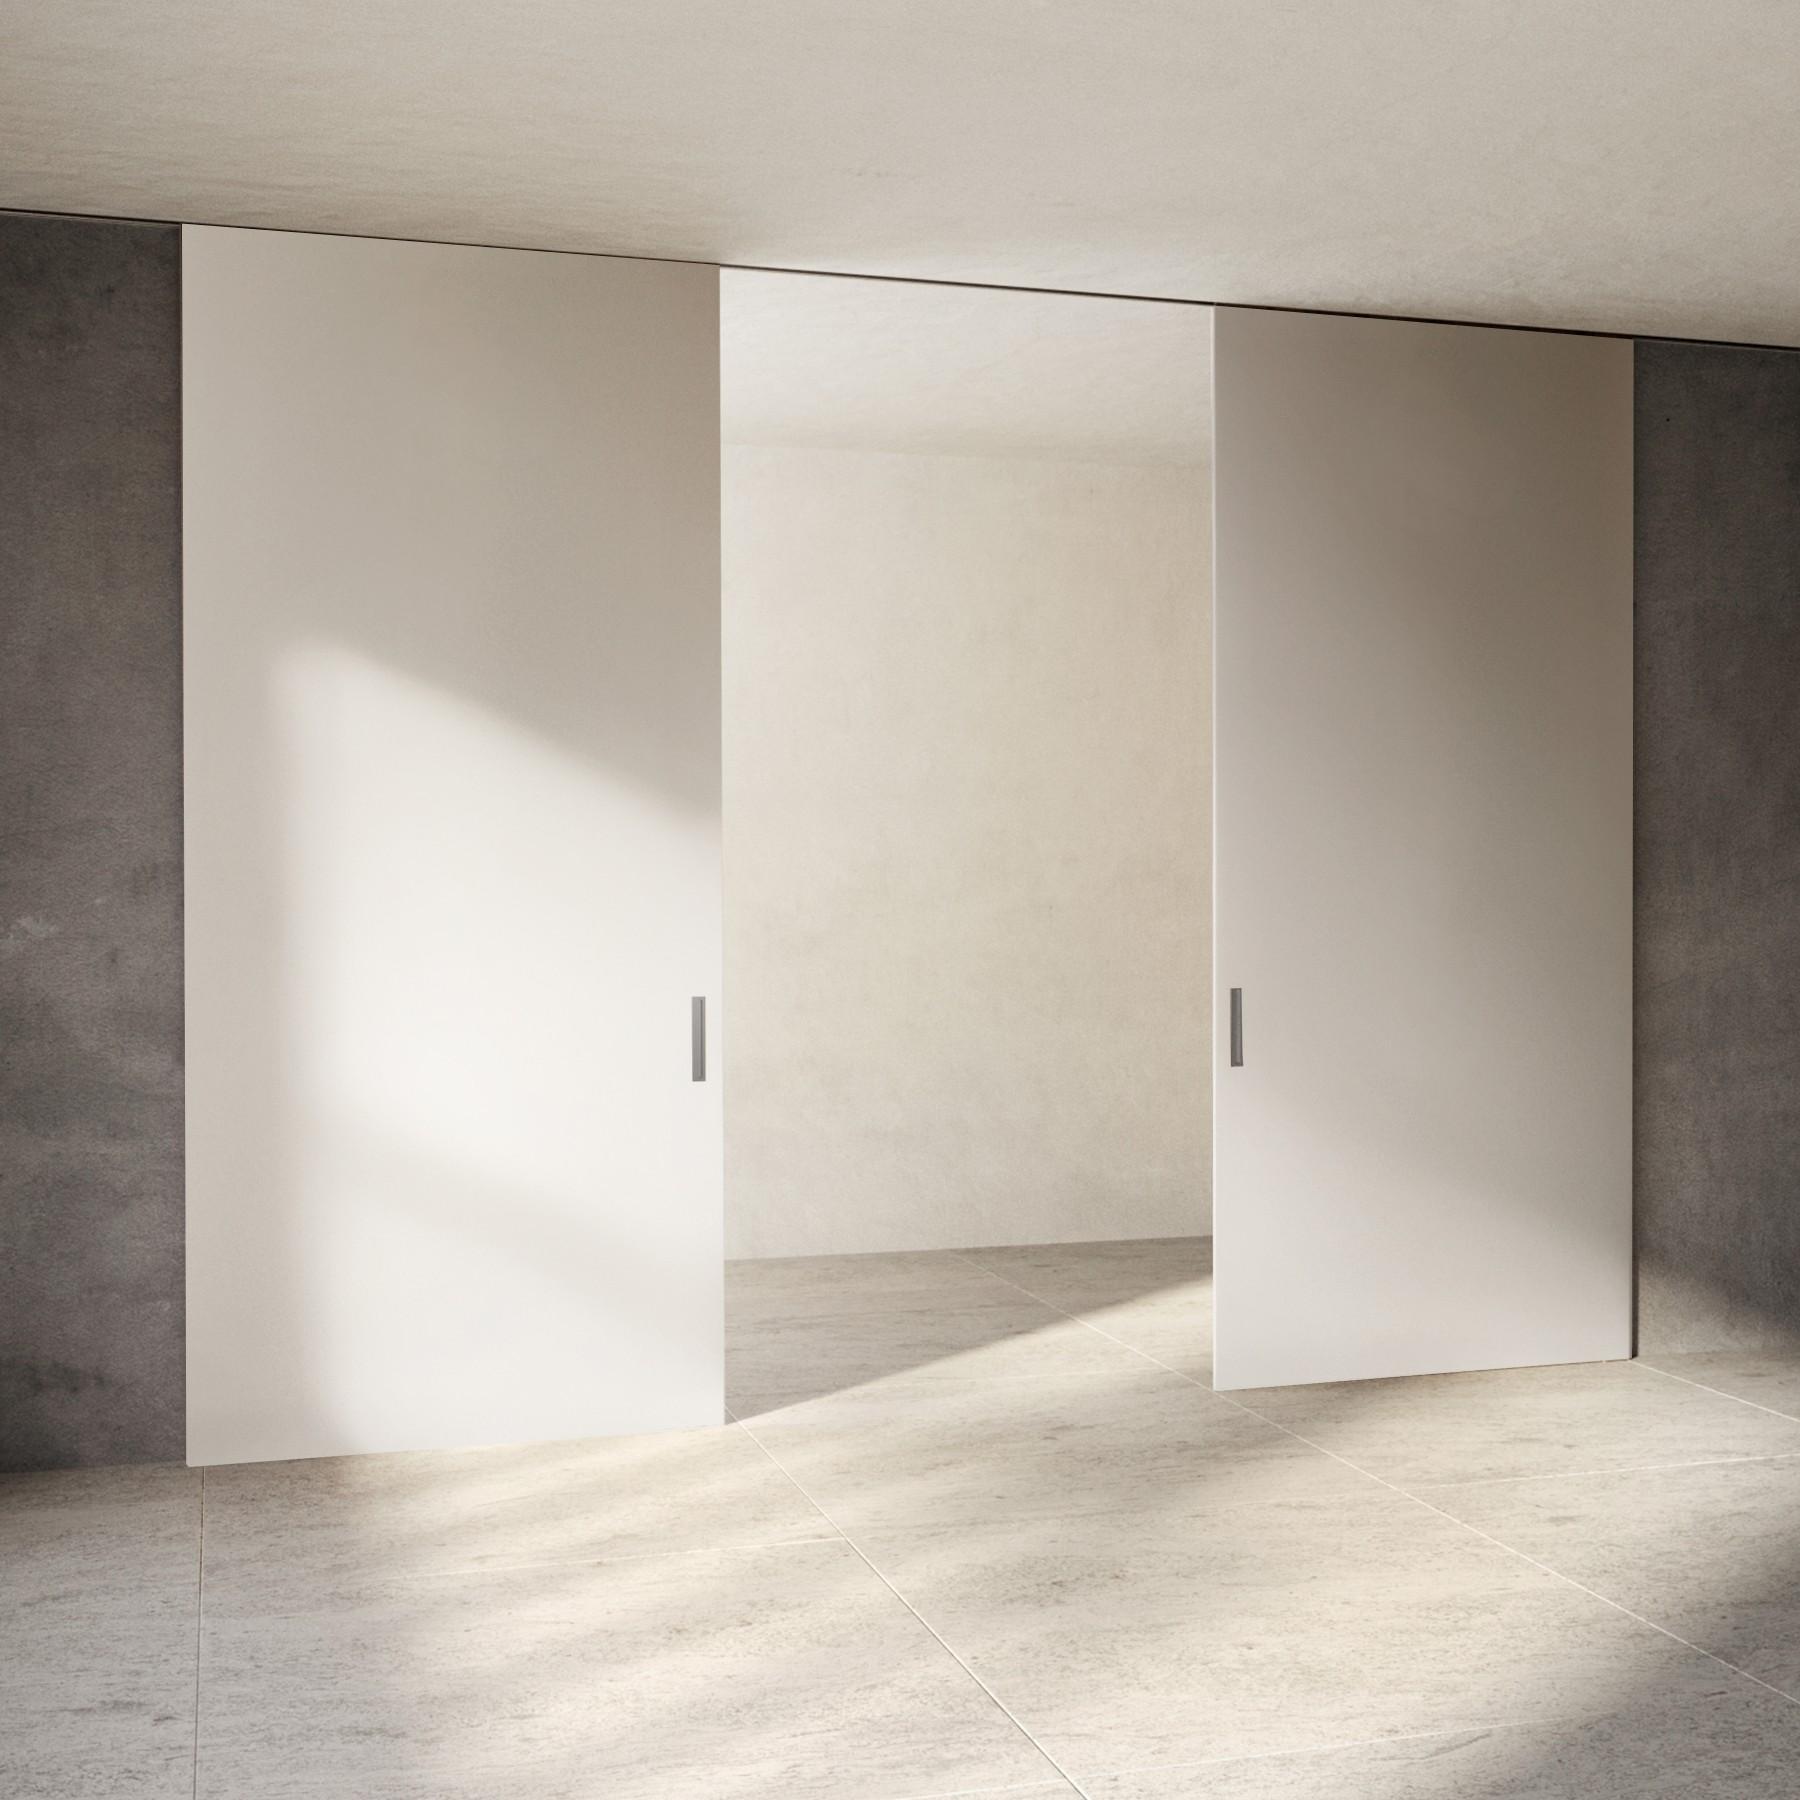 Scenario Lignum Exit bianco glossy